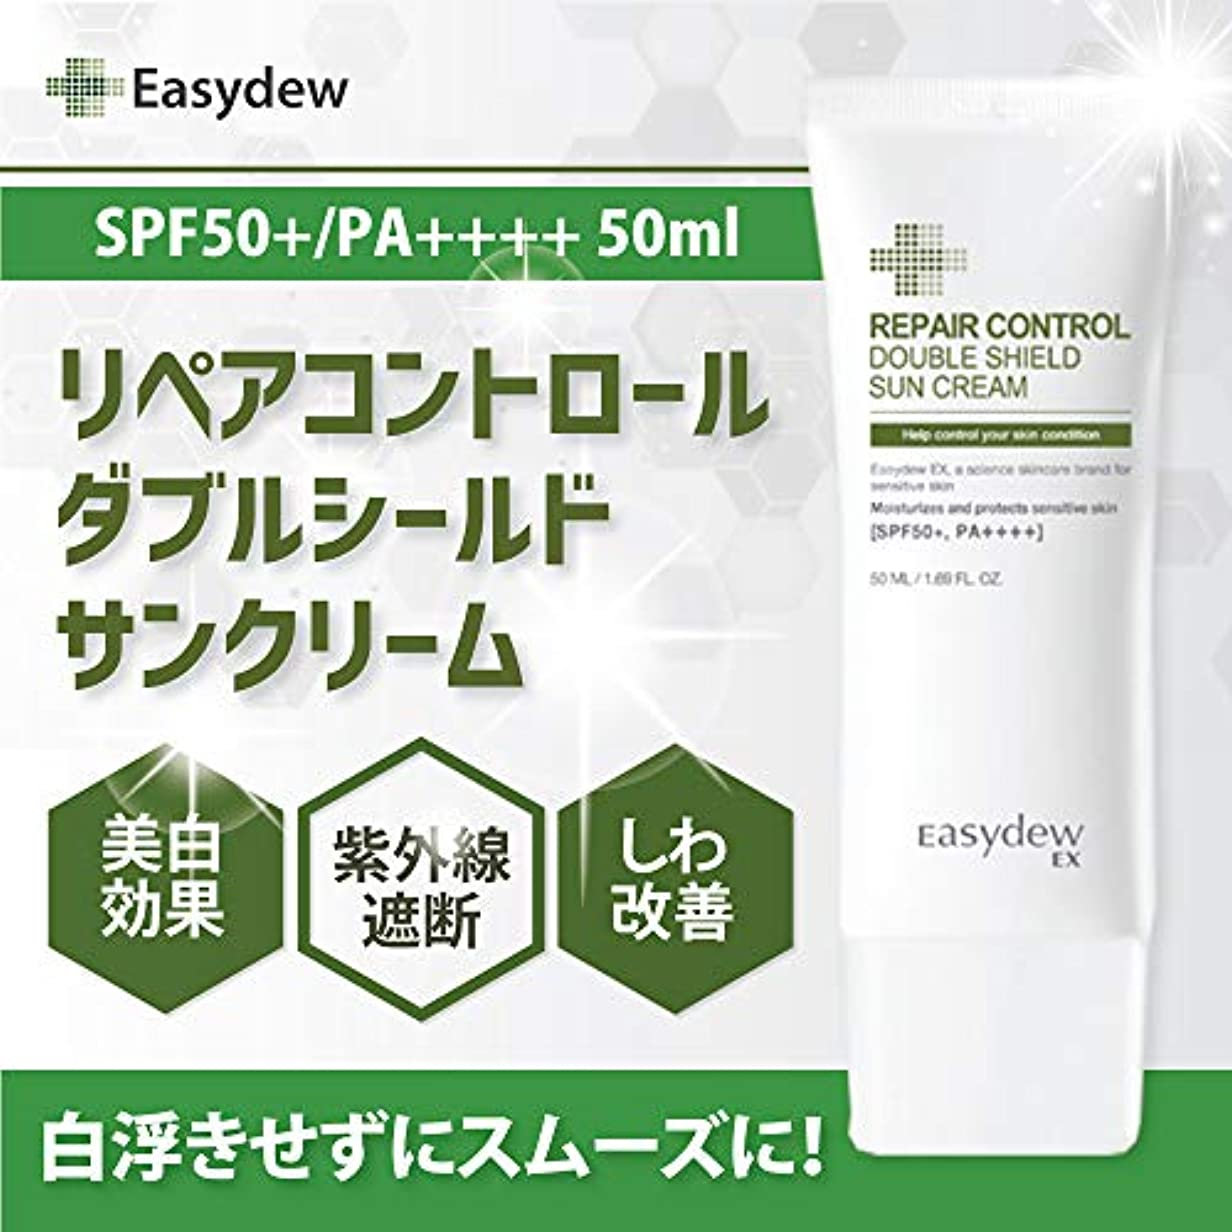 牛肉音声出撃者デウン製薬 リペア コントロール ダブル シールド サン?クリーム SPF50+/PA++++ 50ml. Repair Control Double Shild Sun Cream SPF50+/PA++++ 50ml.